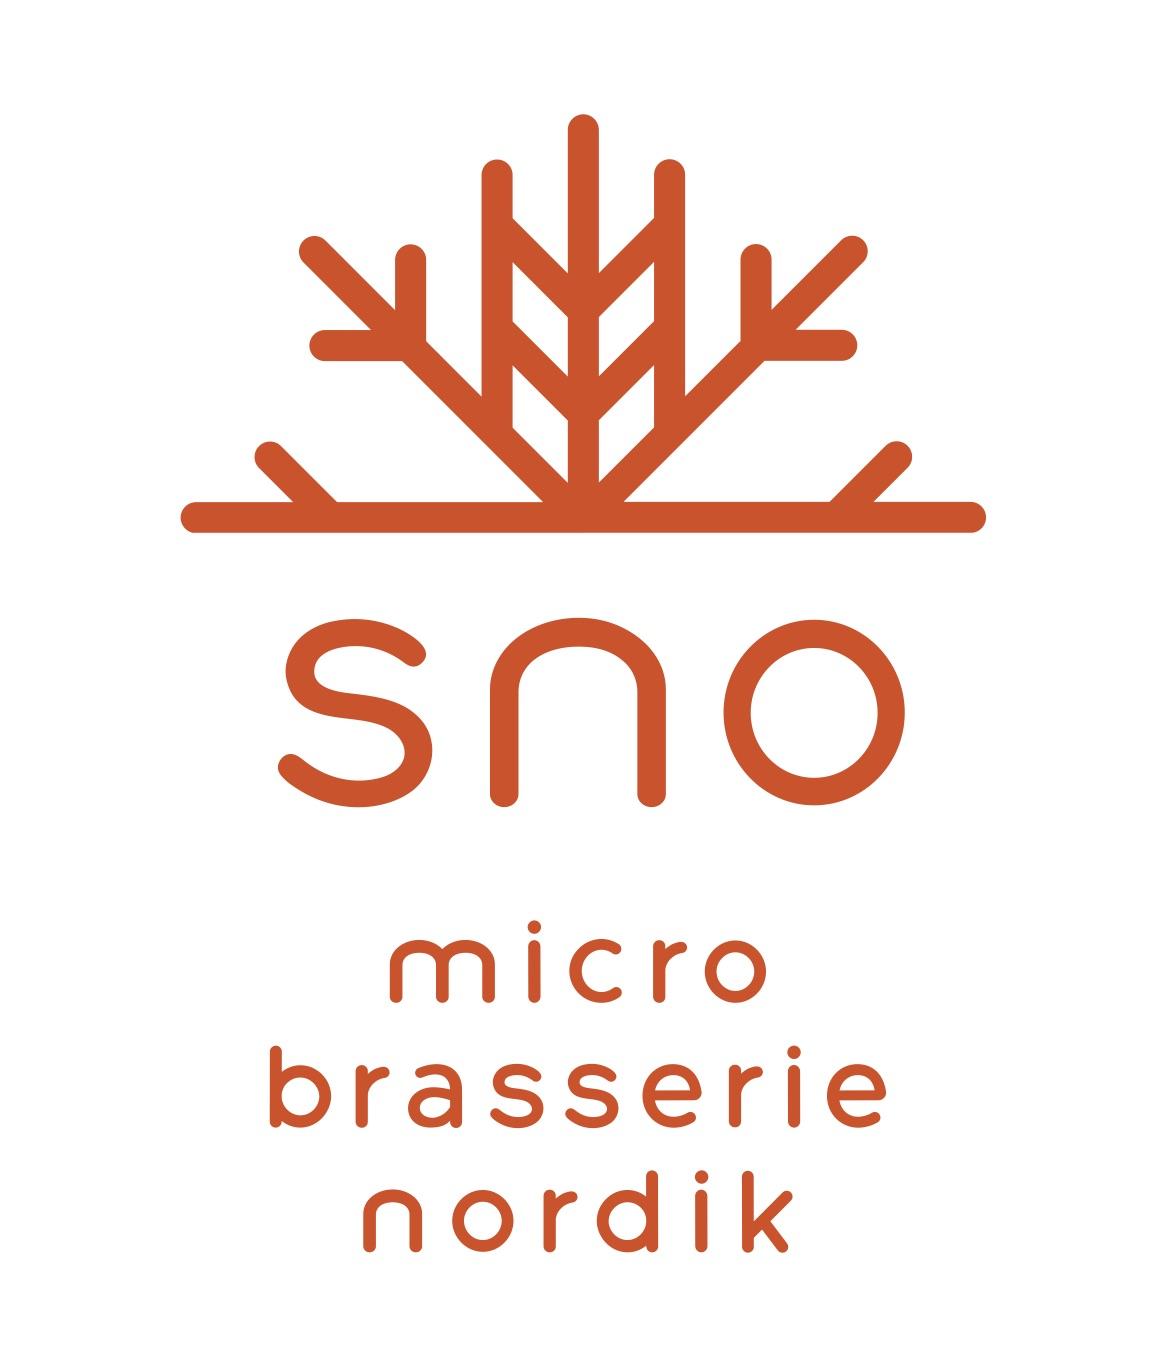 SNO_logo_diable+microbrasserie nordik